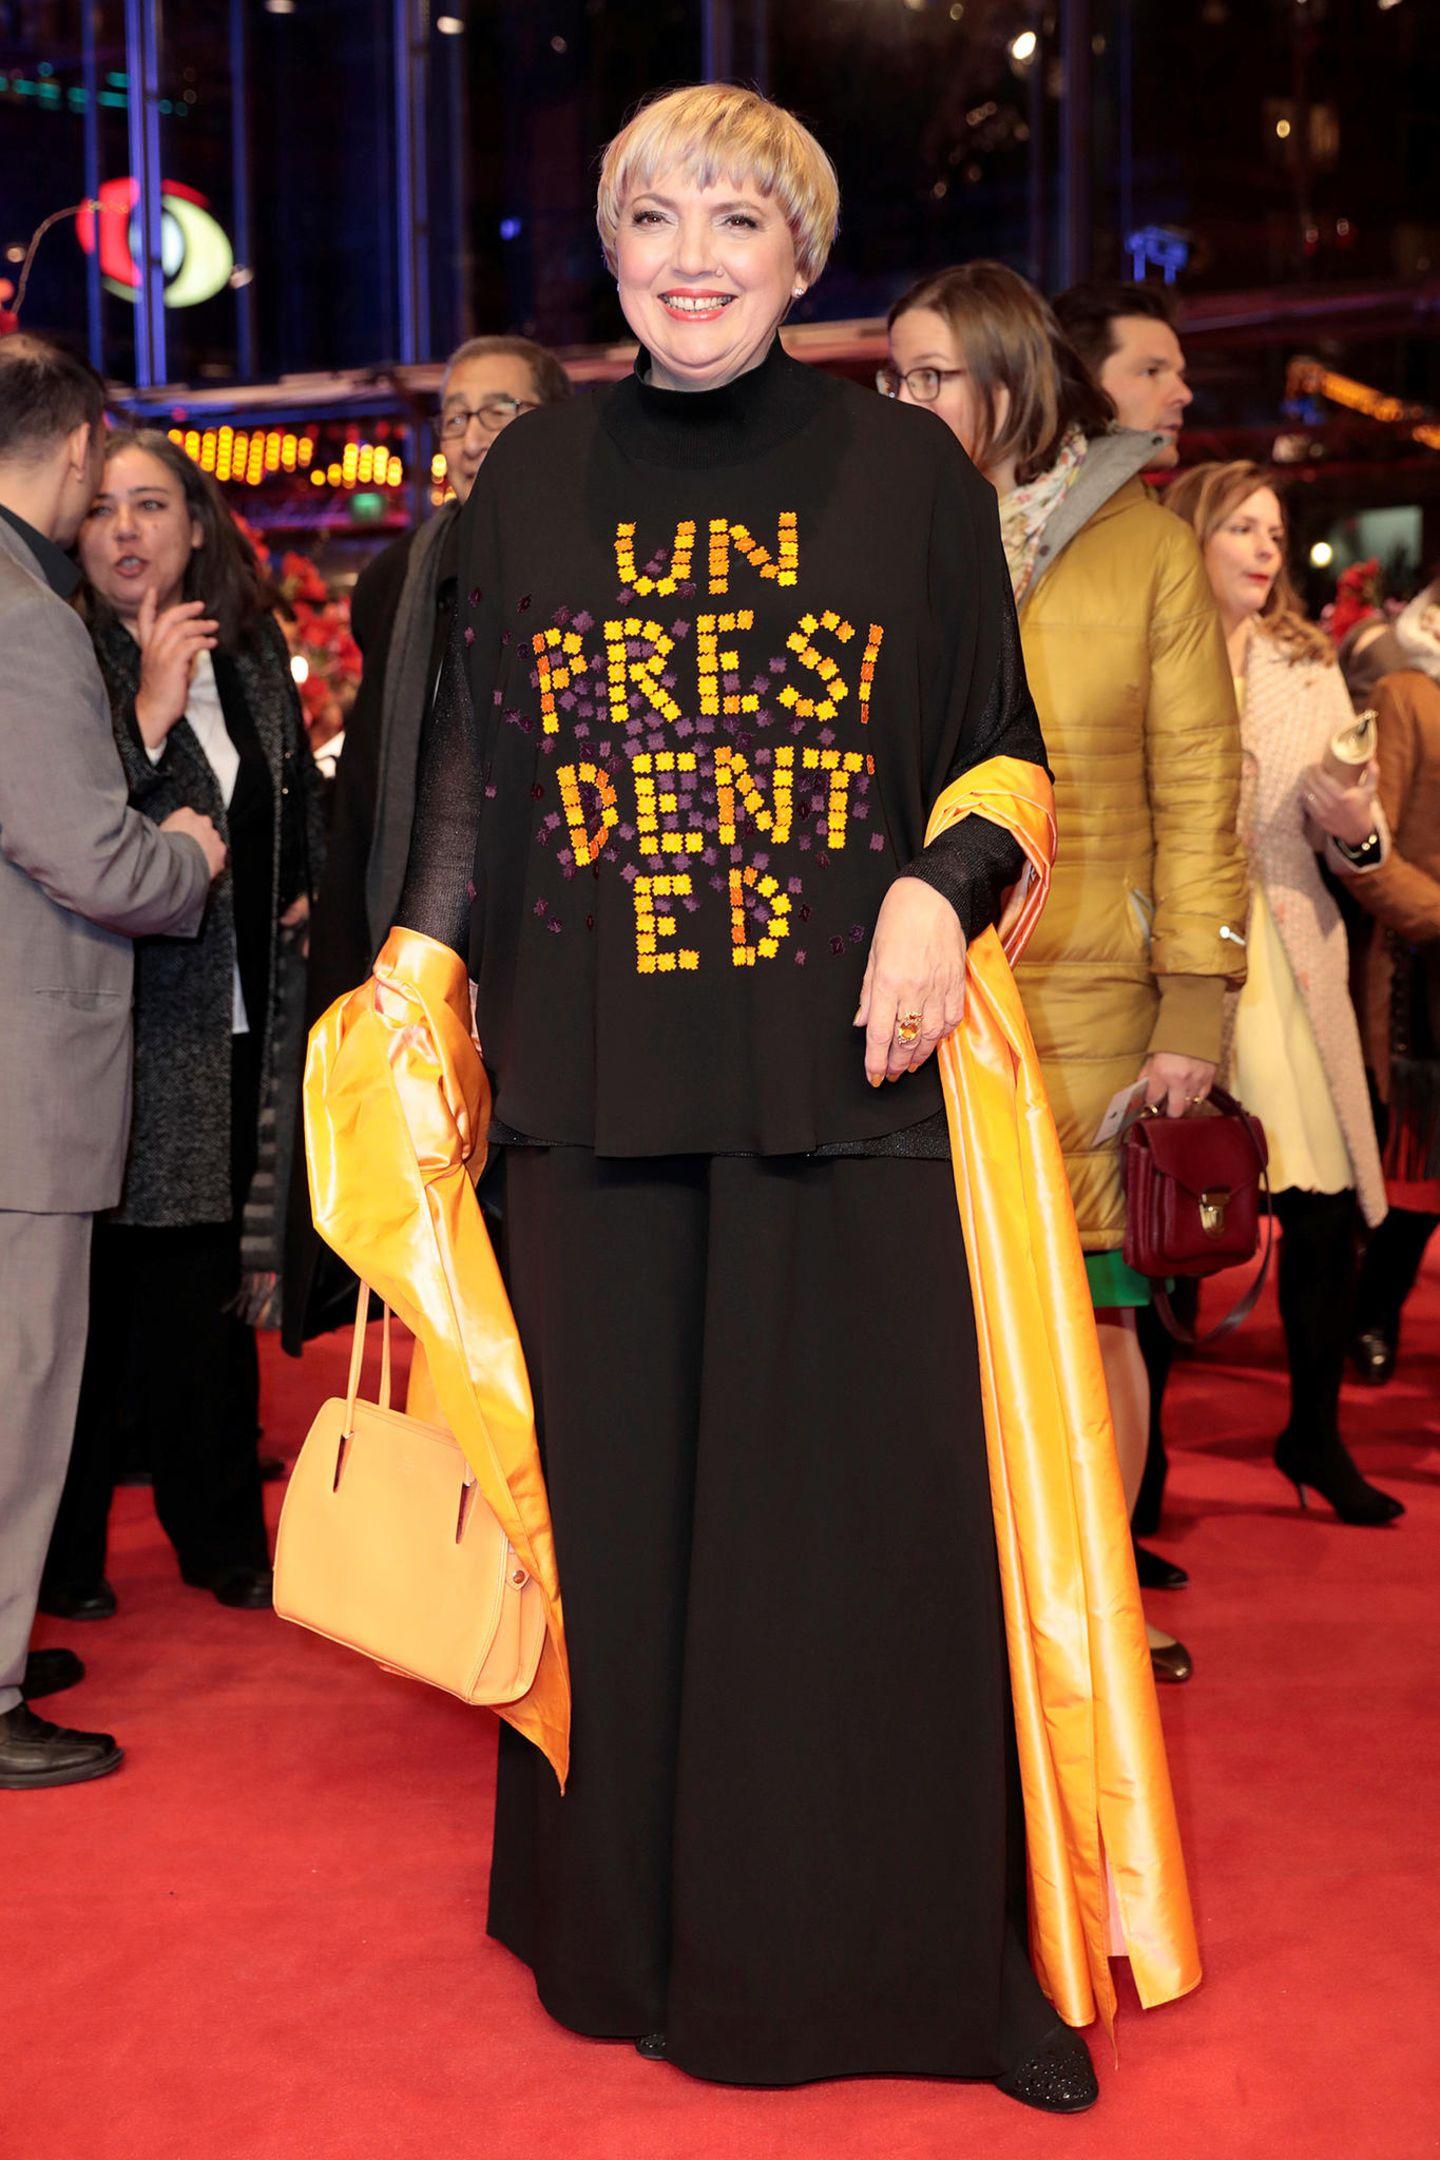 Protest-Outfit mit Wortspiel: Claudia Roth macht mit ihrem Look wohl auf den (nicht im Positiven) beispiellosen Präsidenten Trump aufmerksam.